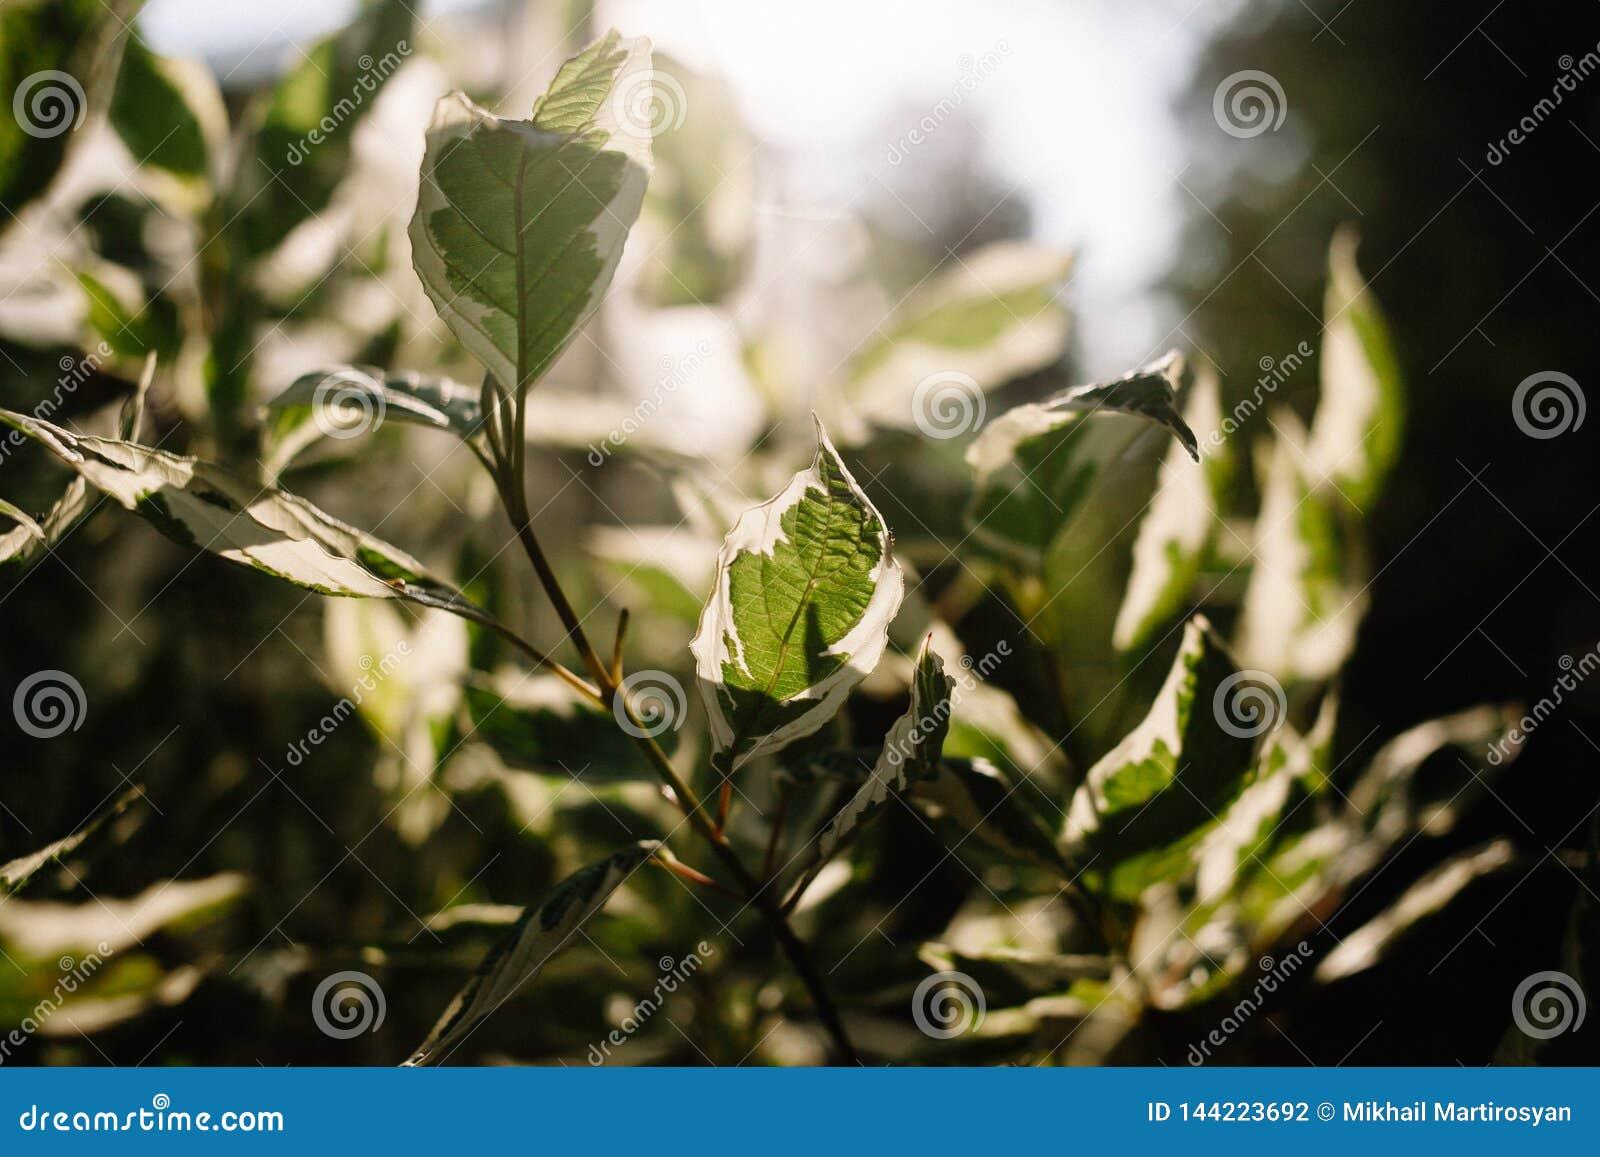 Pedilanthus com folhas verdes Profundidade de campo rasa Folhas na luz solar retroiluminada